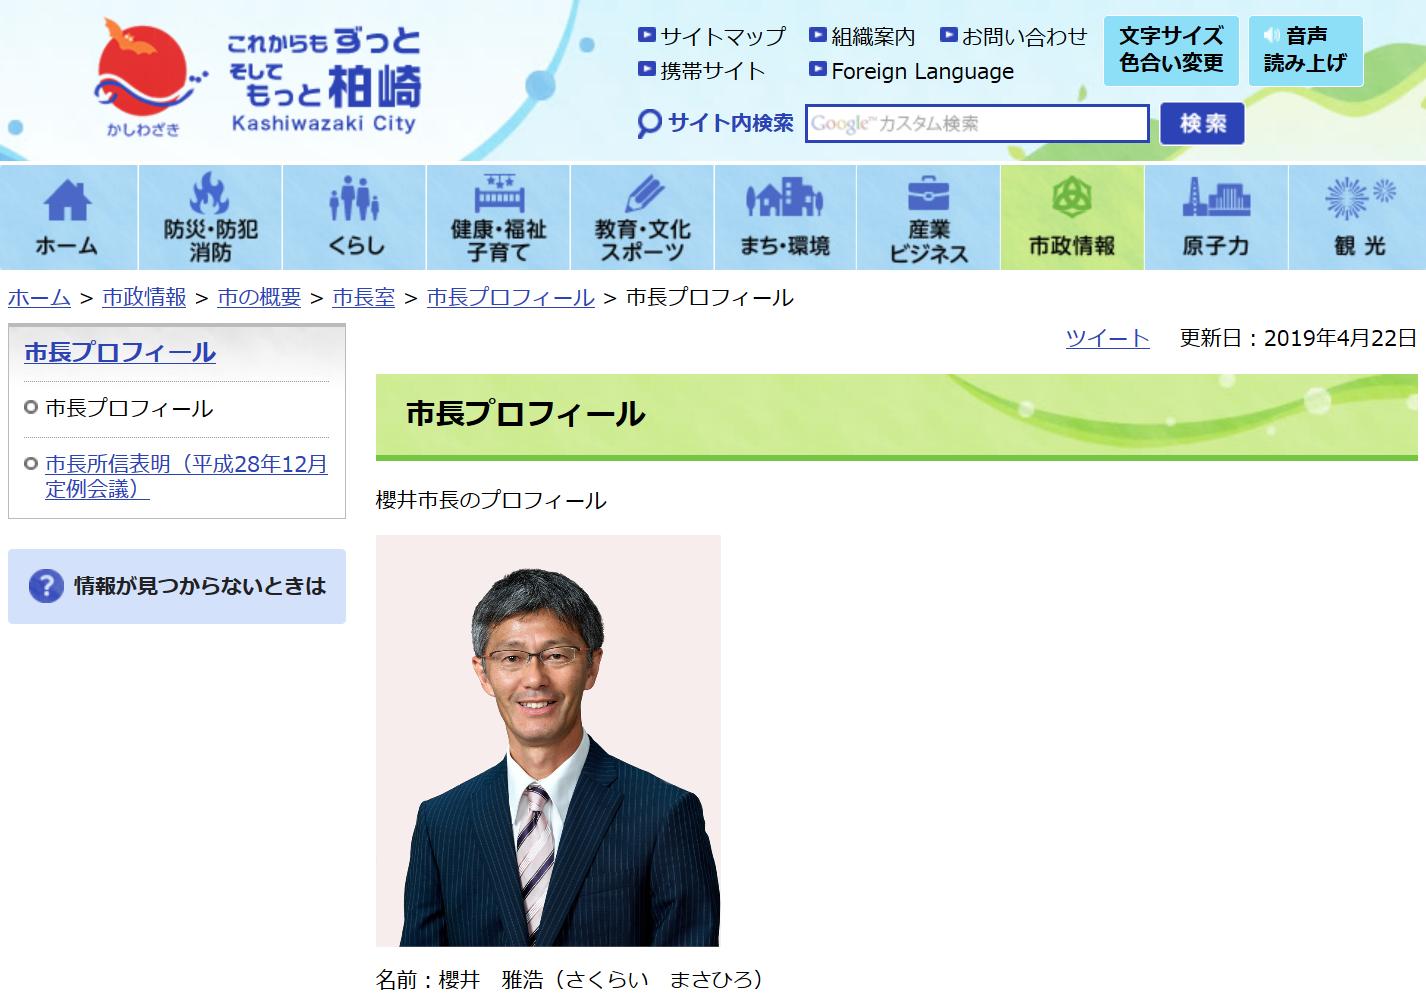 東電からの誤植FAXに対し問い合わせした櫻井雅浩柏崎市市長